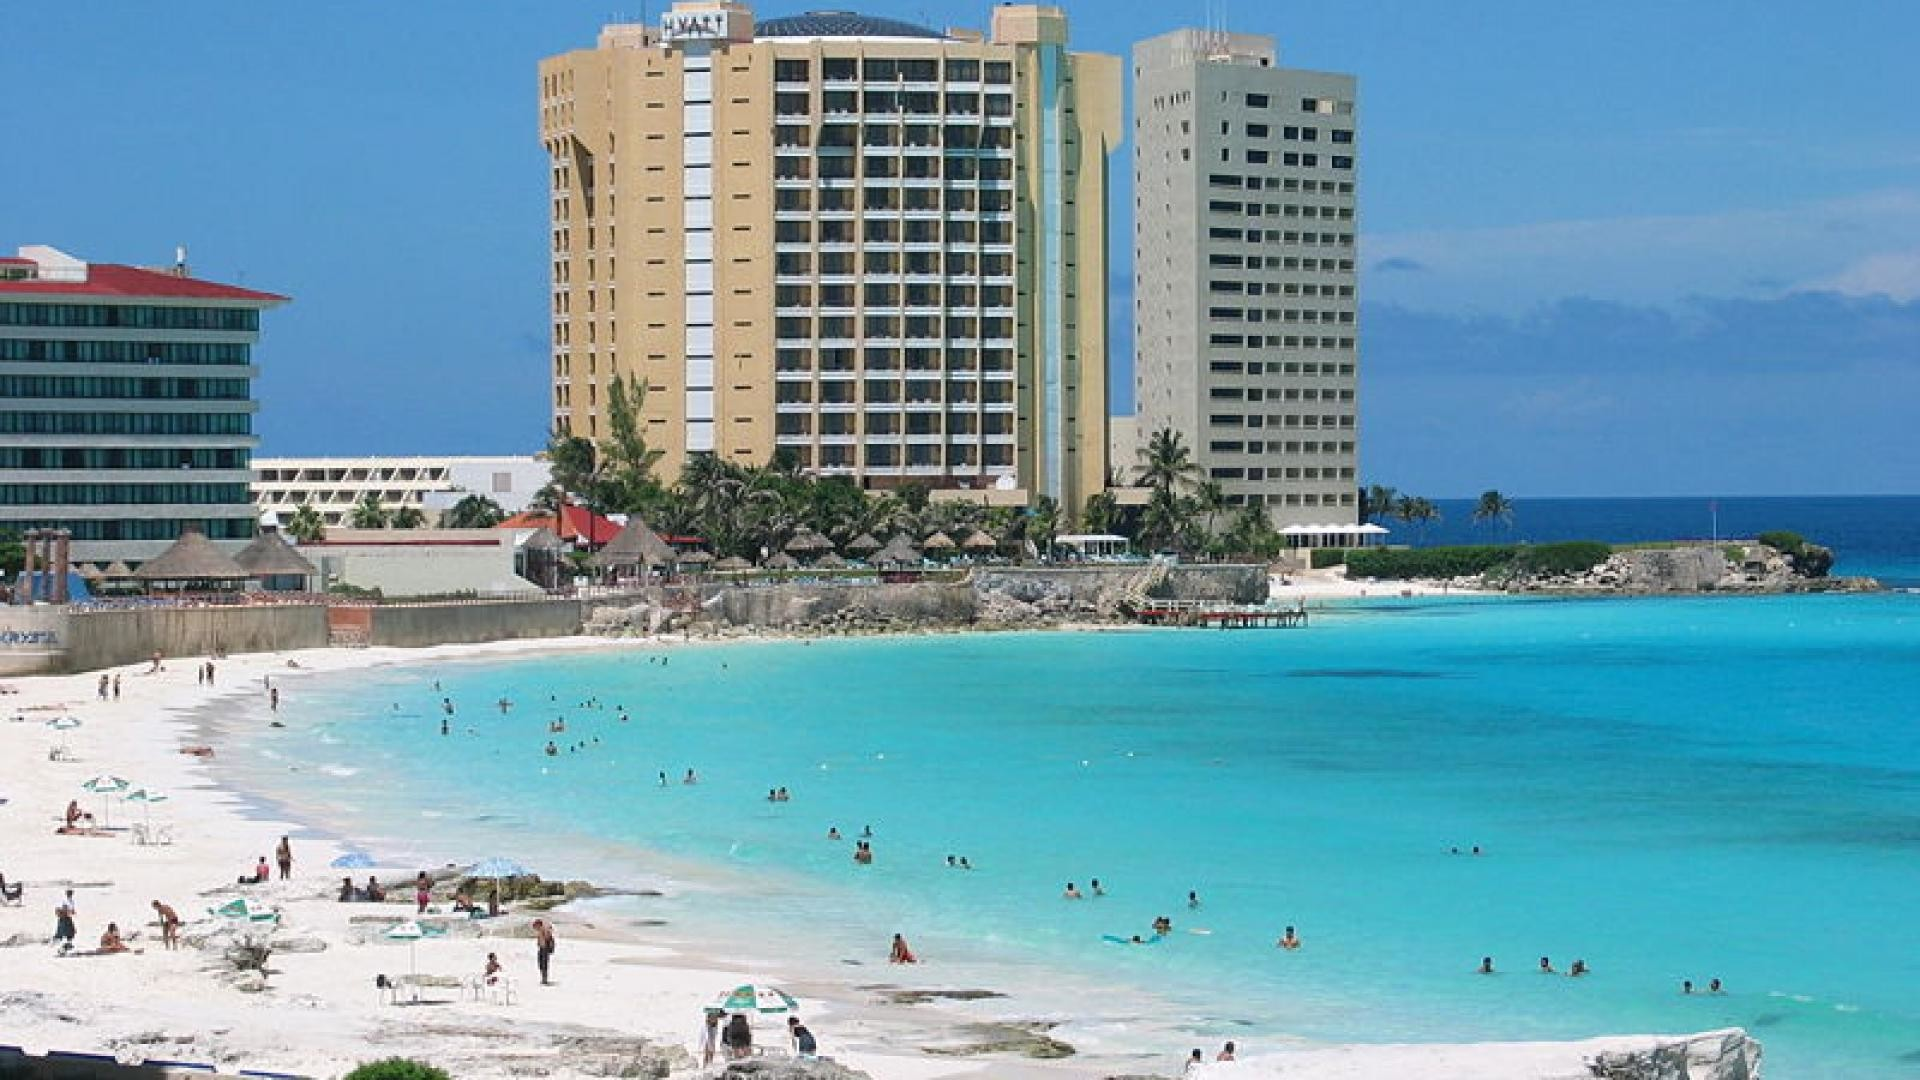 Cancun Mexico Beach HD Wallpaper